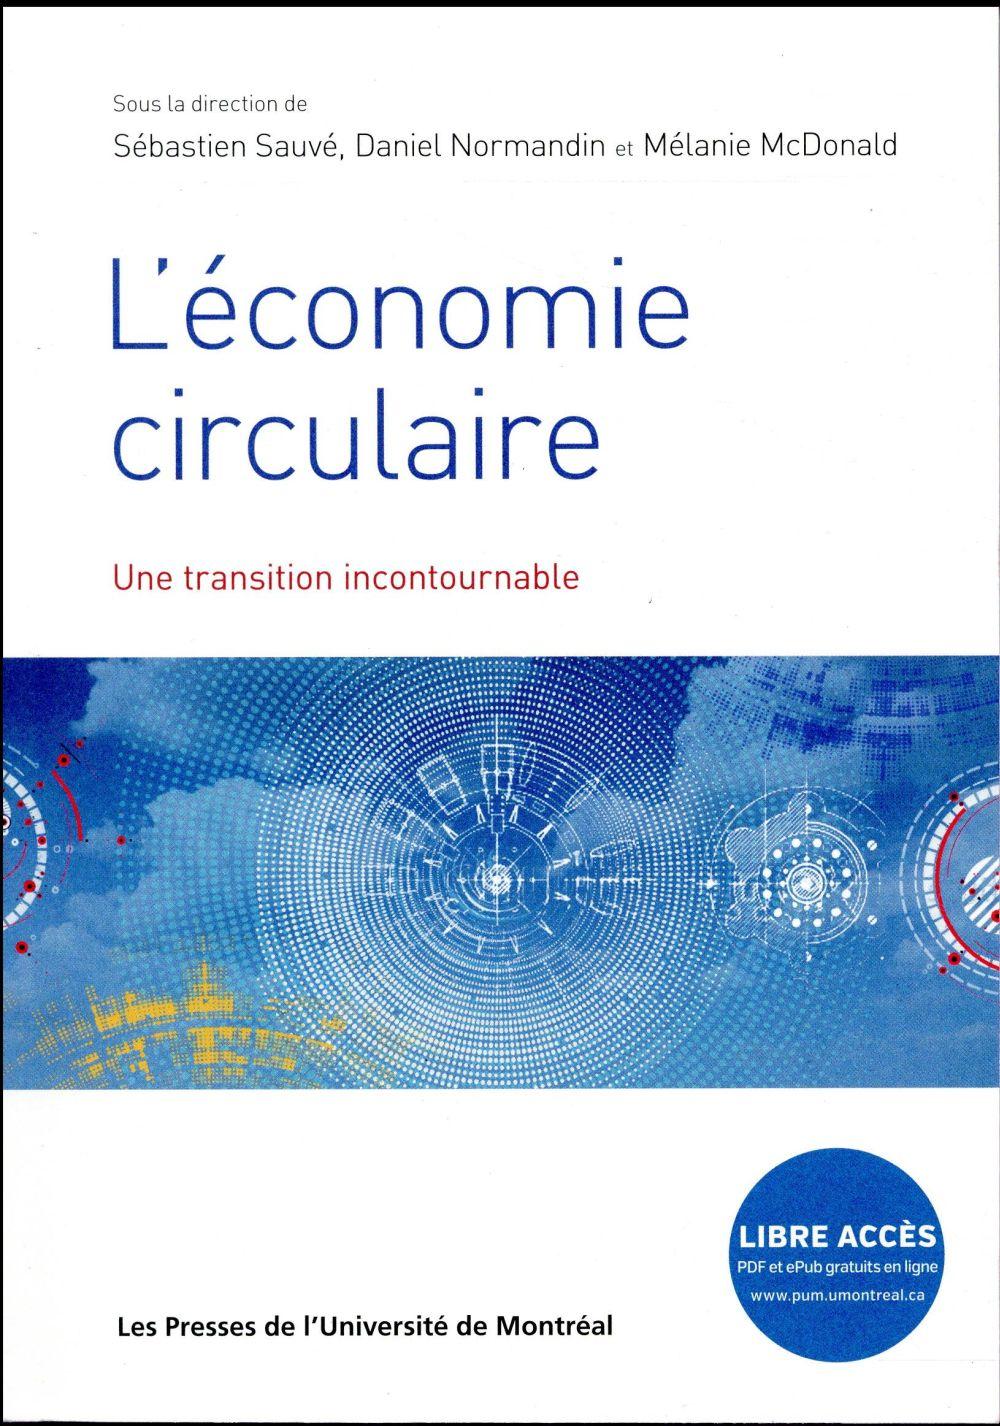 L'ECONOMIE CIRCULAIRE. UNE TRANSITION INCONTOURNABLE